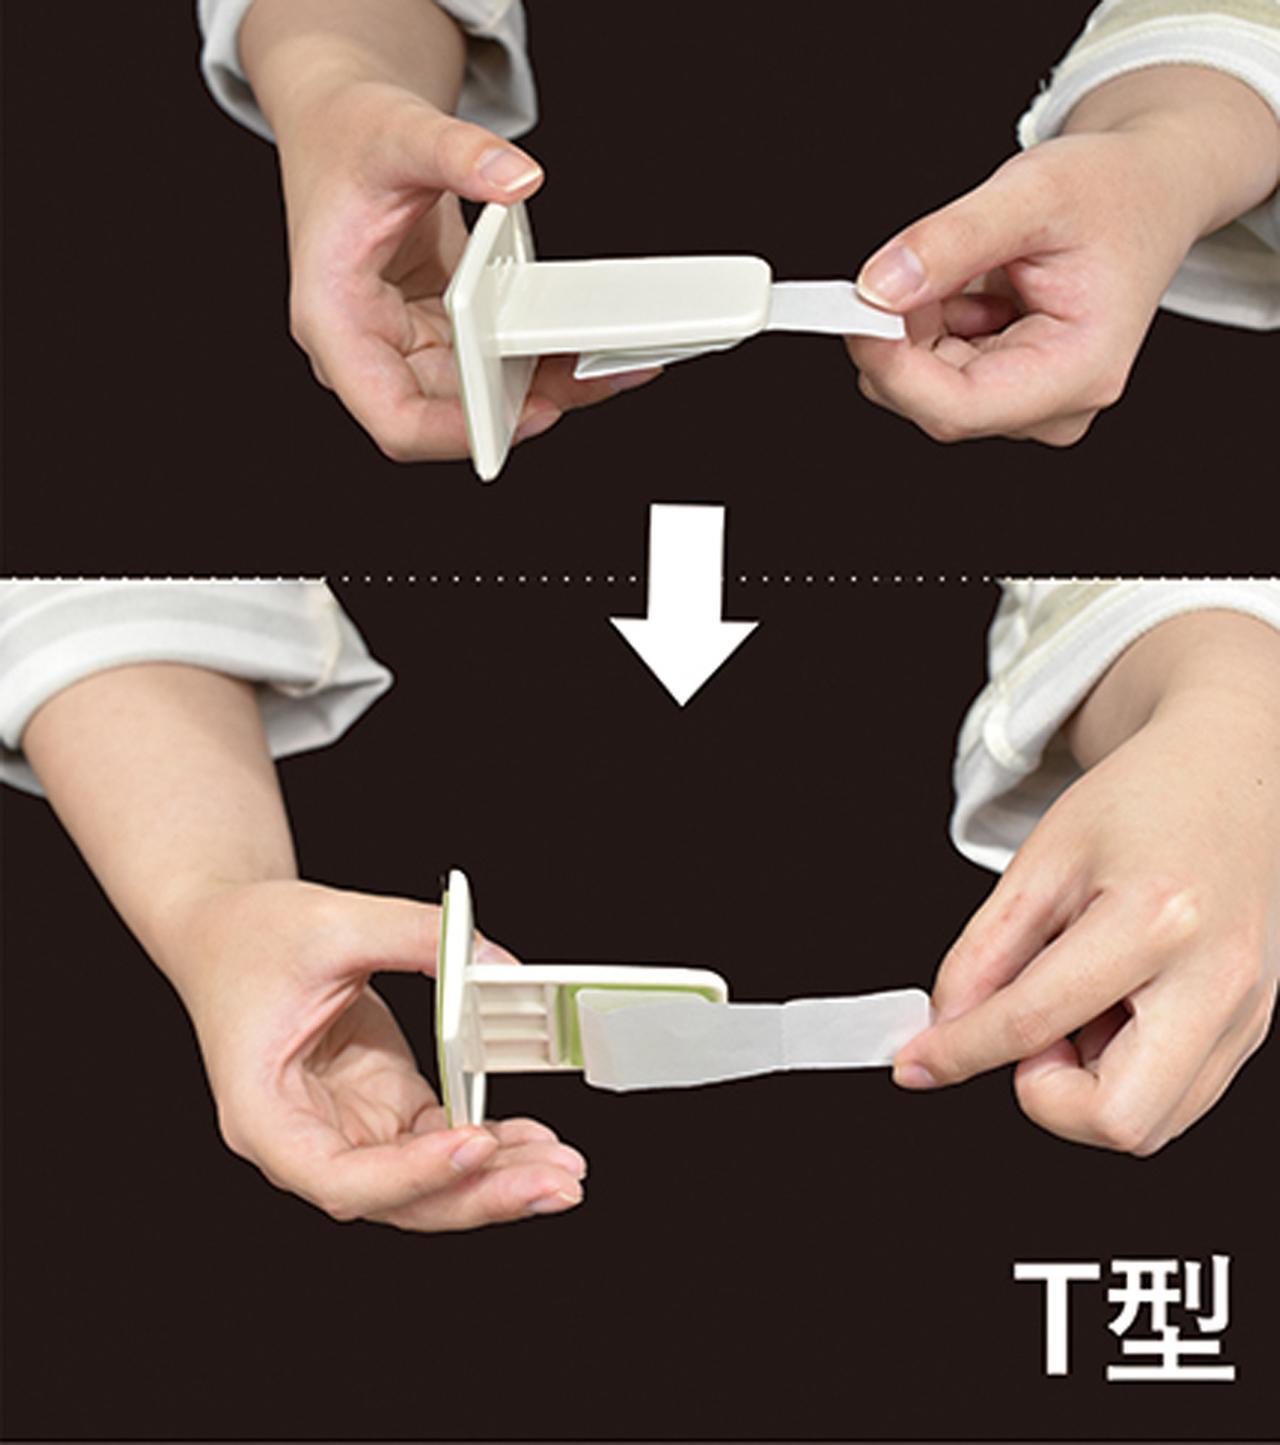 画像: 粘着素材で壁紙、塗装壁などにも対応。はがしたあとも粘着面を洗えば何度でも使用可能。